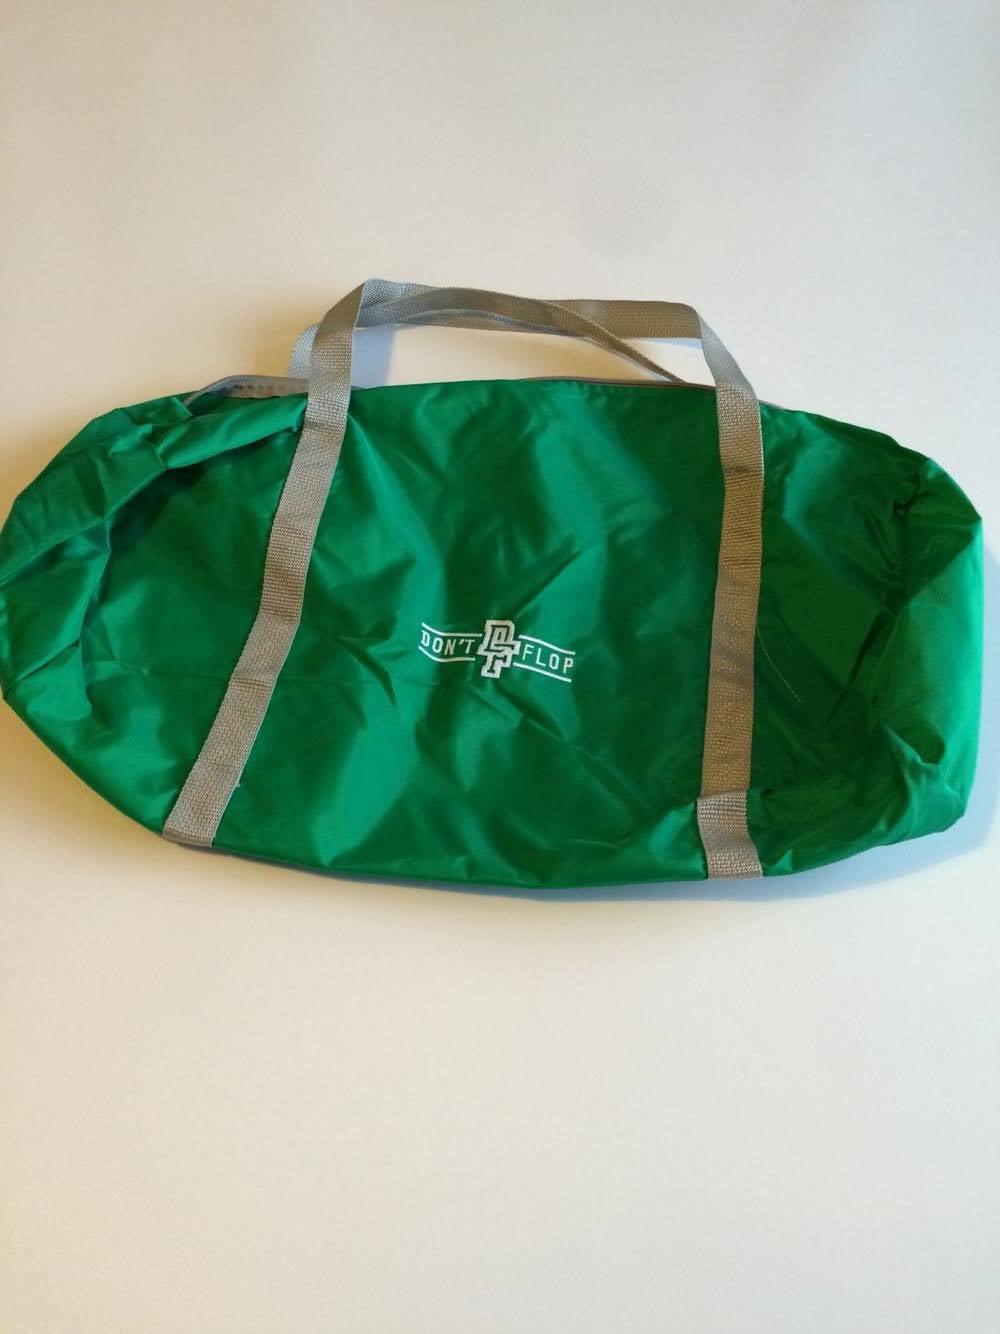 Image of Original Don't Flop Gym Bag | Green